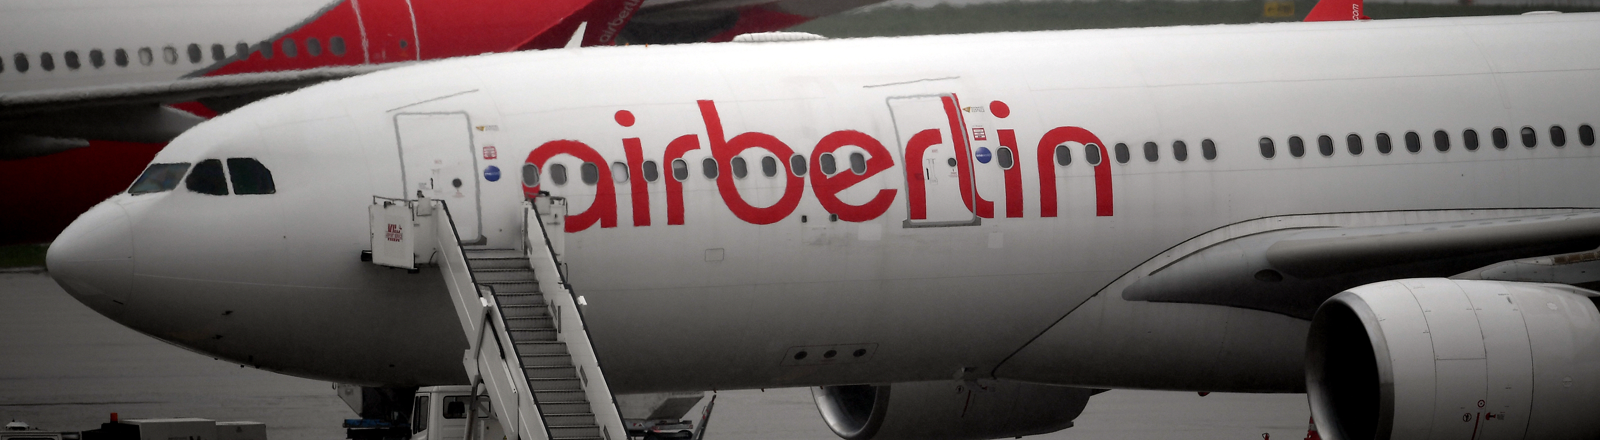 Ein Flieger von Airberlin am Boden bei schlechtem Wetter